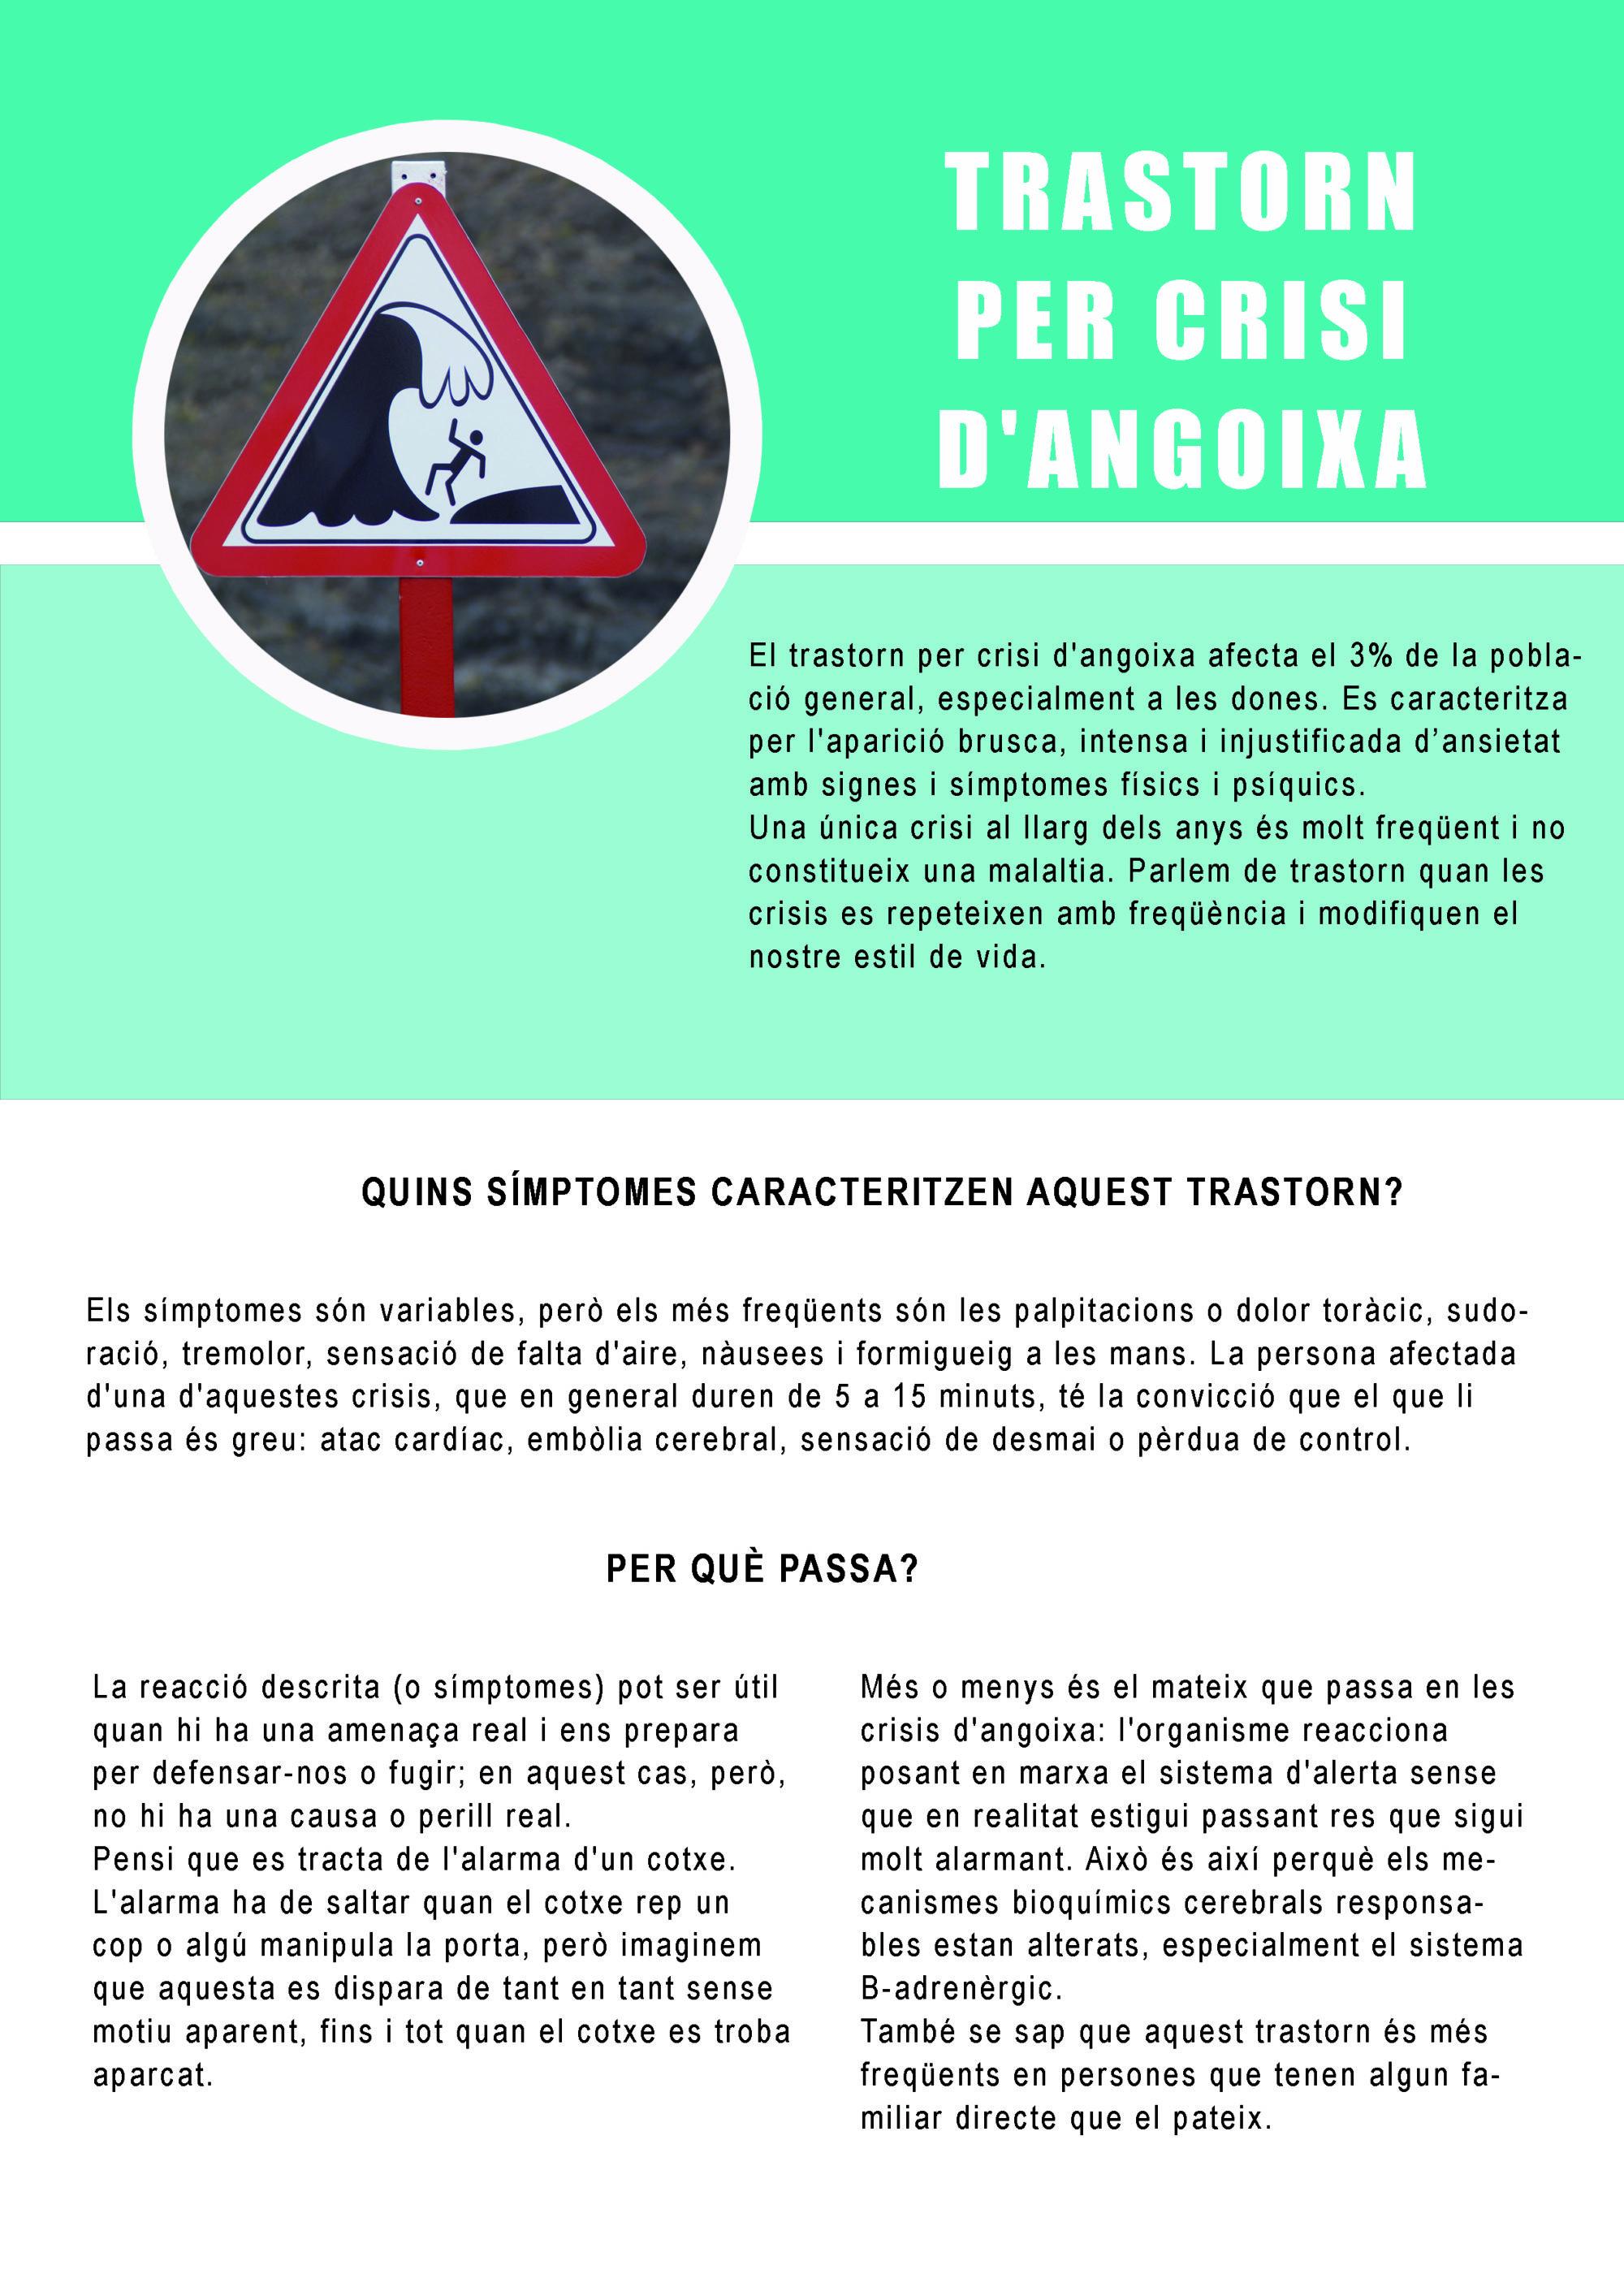 TRASTORN PER CRISI D'ANGOIXA PRIMERA PART